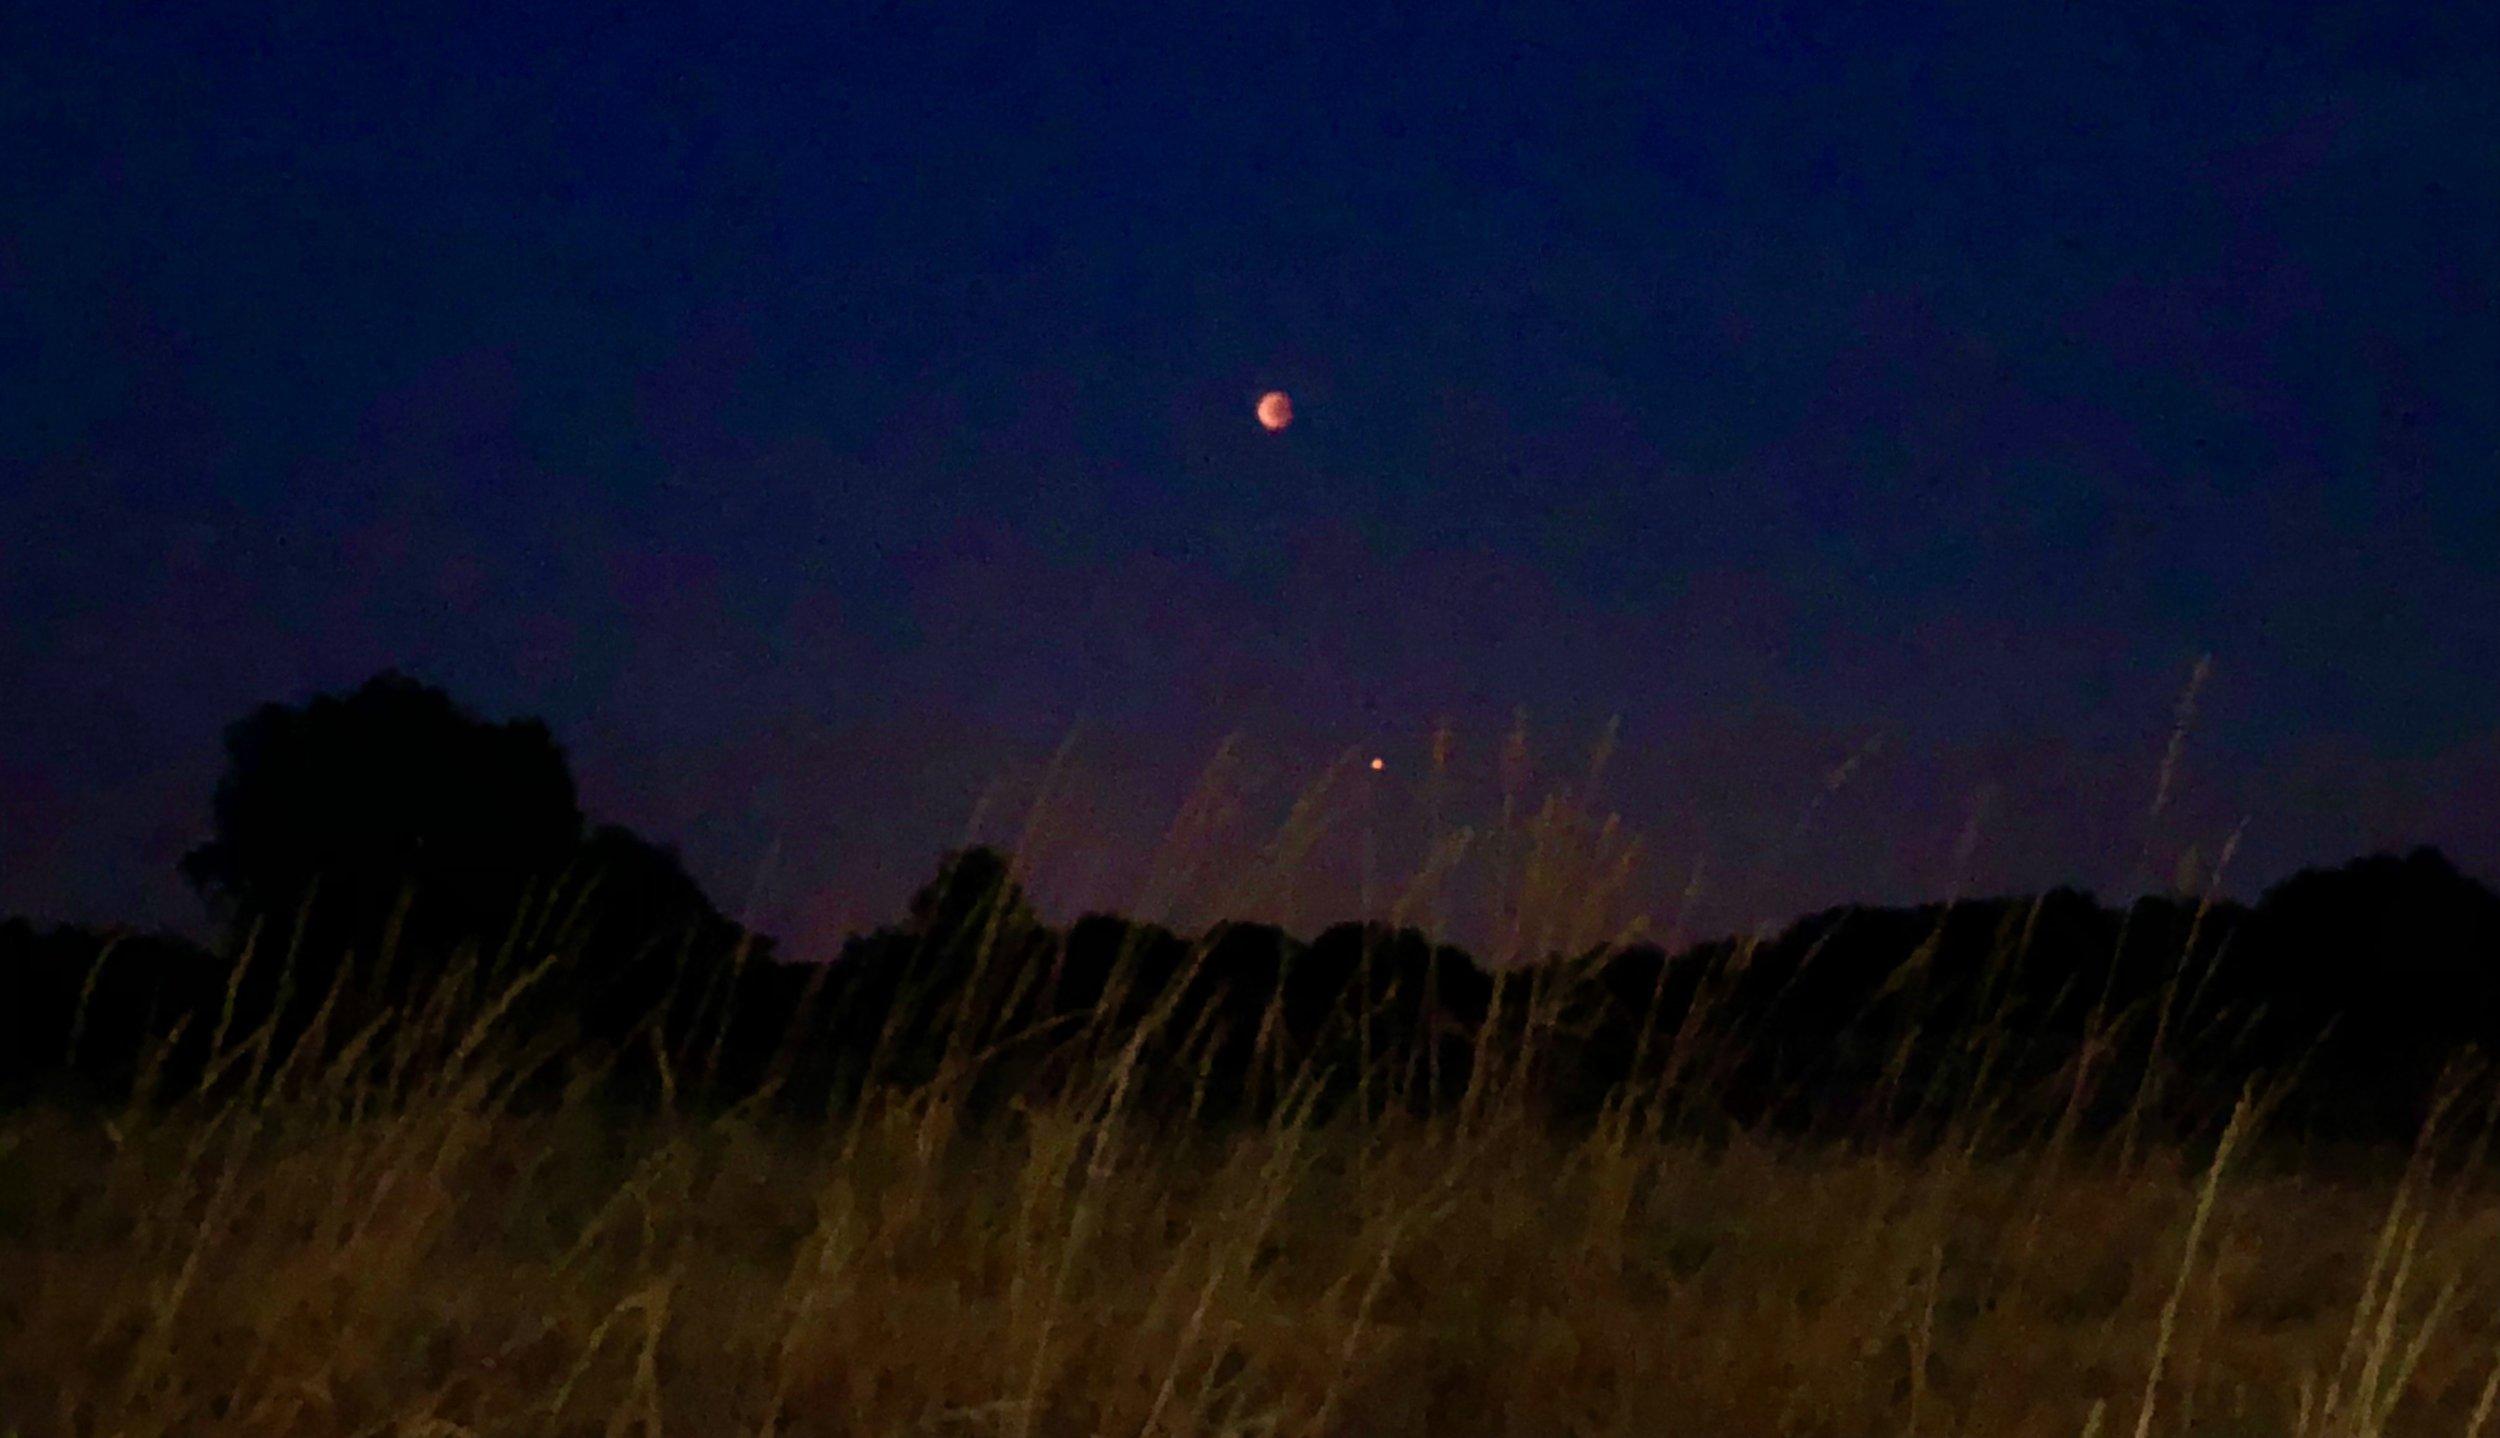 Vores fotograf var tålmodig og til sidst fik han et foto af både blodmånen og planeten Mars. Billedet er taget med en iPhone.Foto: AOB